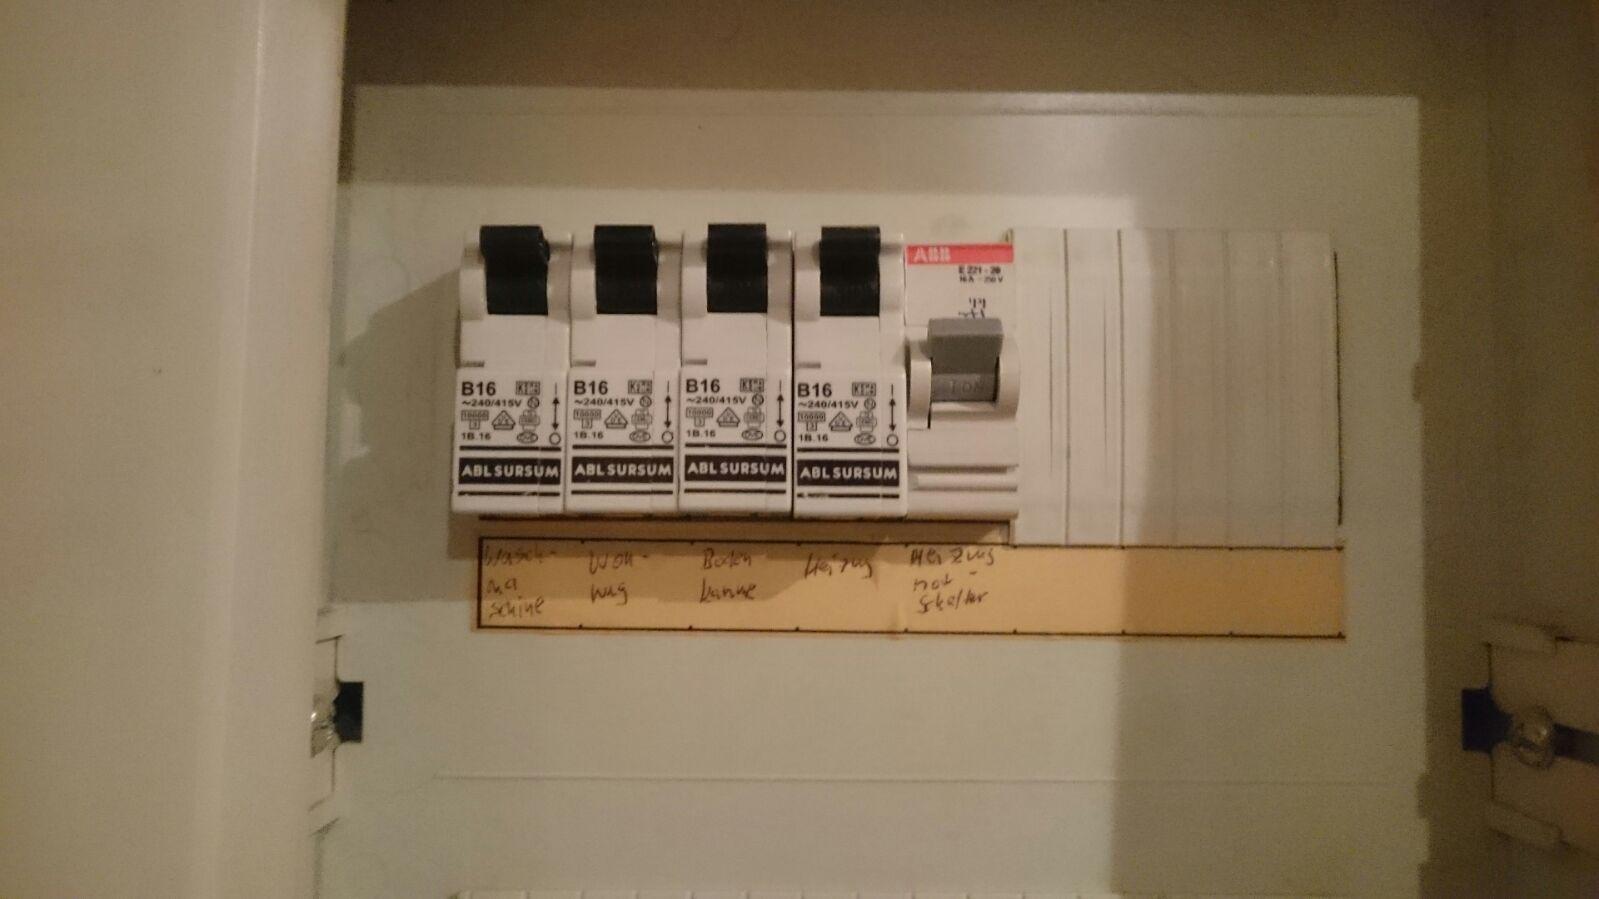 habe ich einen fi schutzschalter elektrik elektriker fi schalter. Black Bedroom Furniture Sets. Home Design Ideas